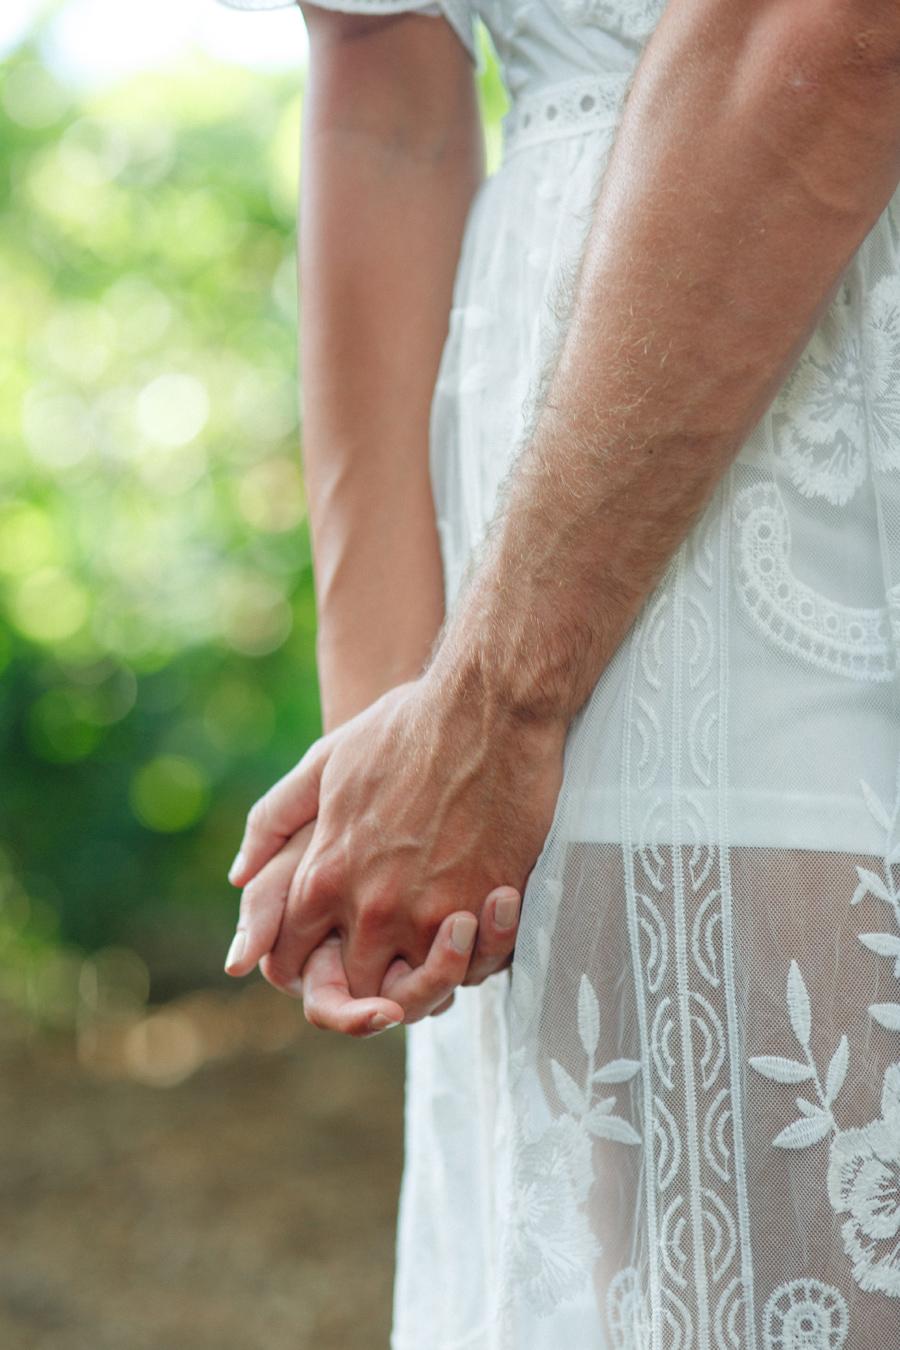 hand holding maui photo